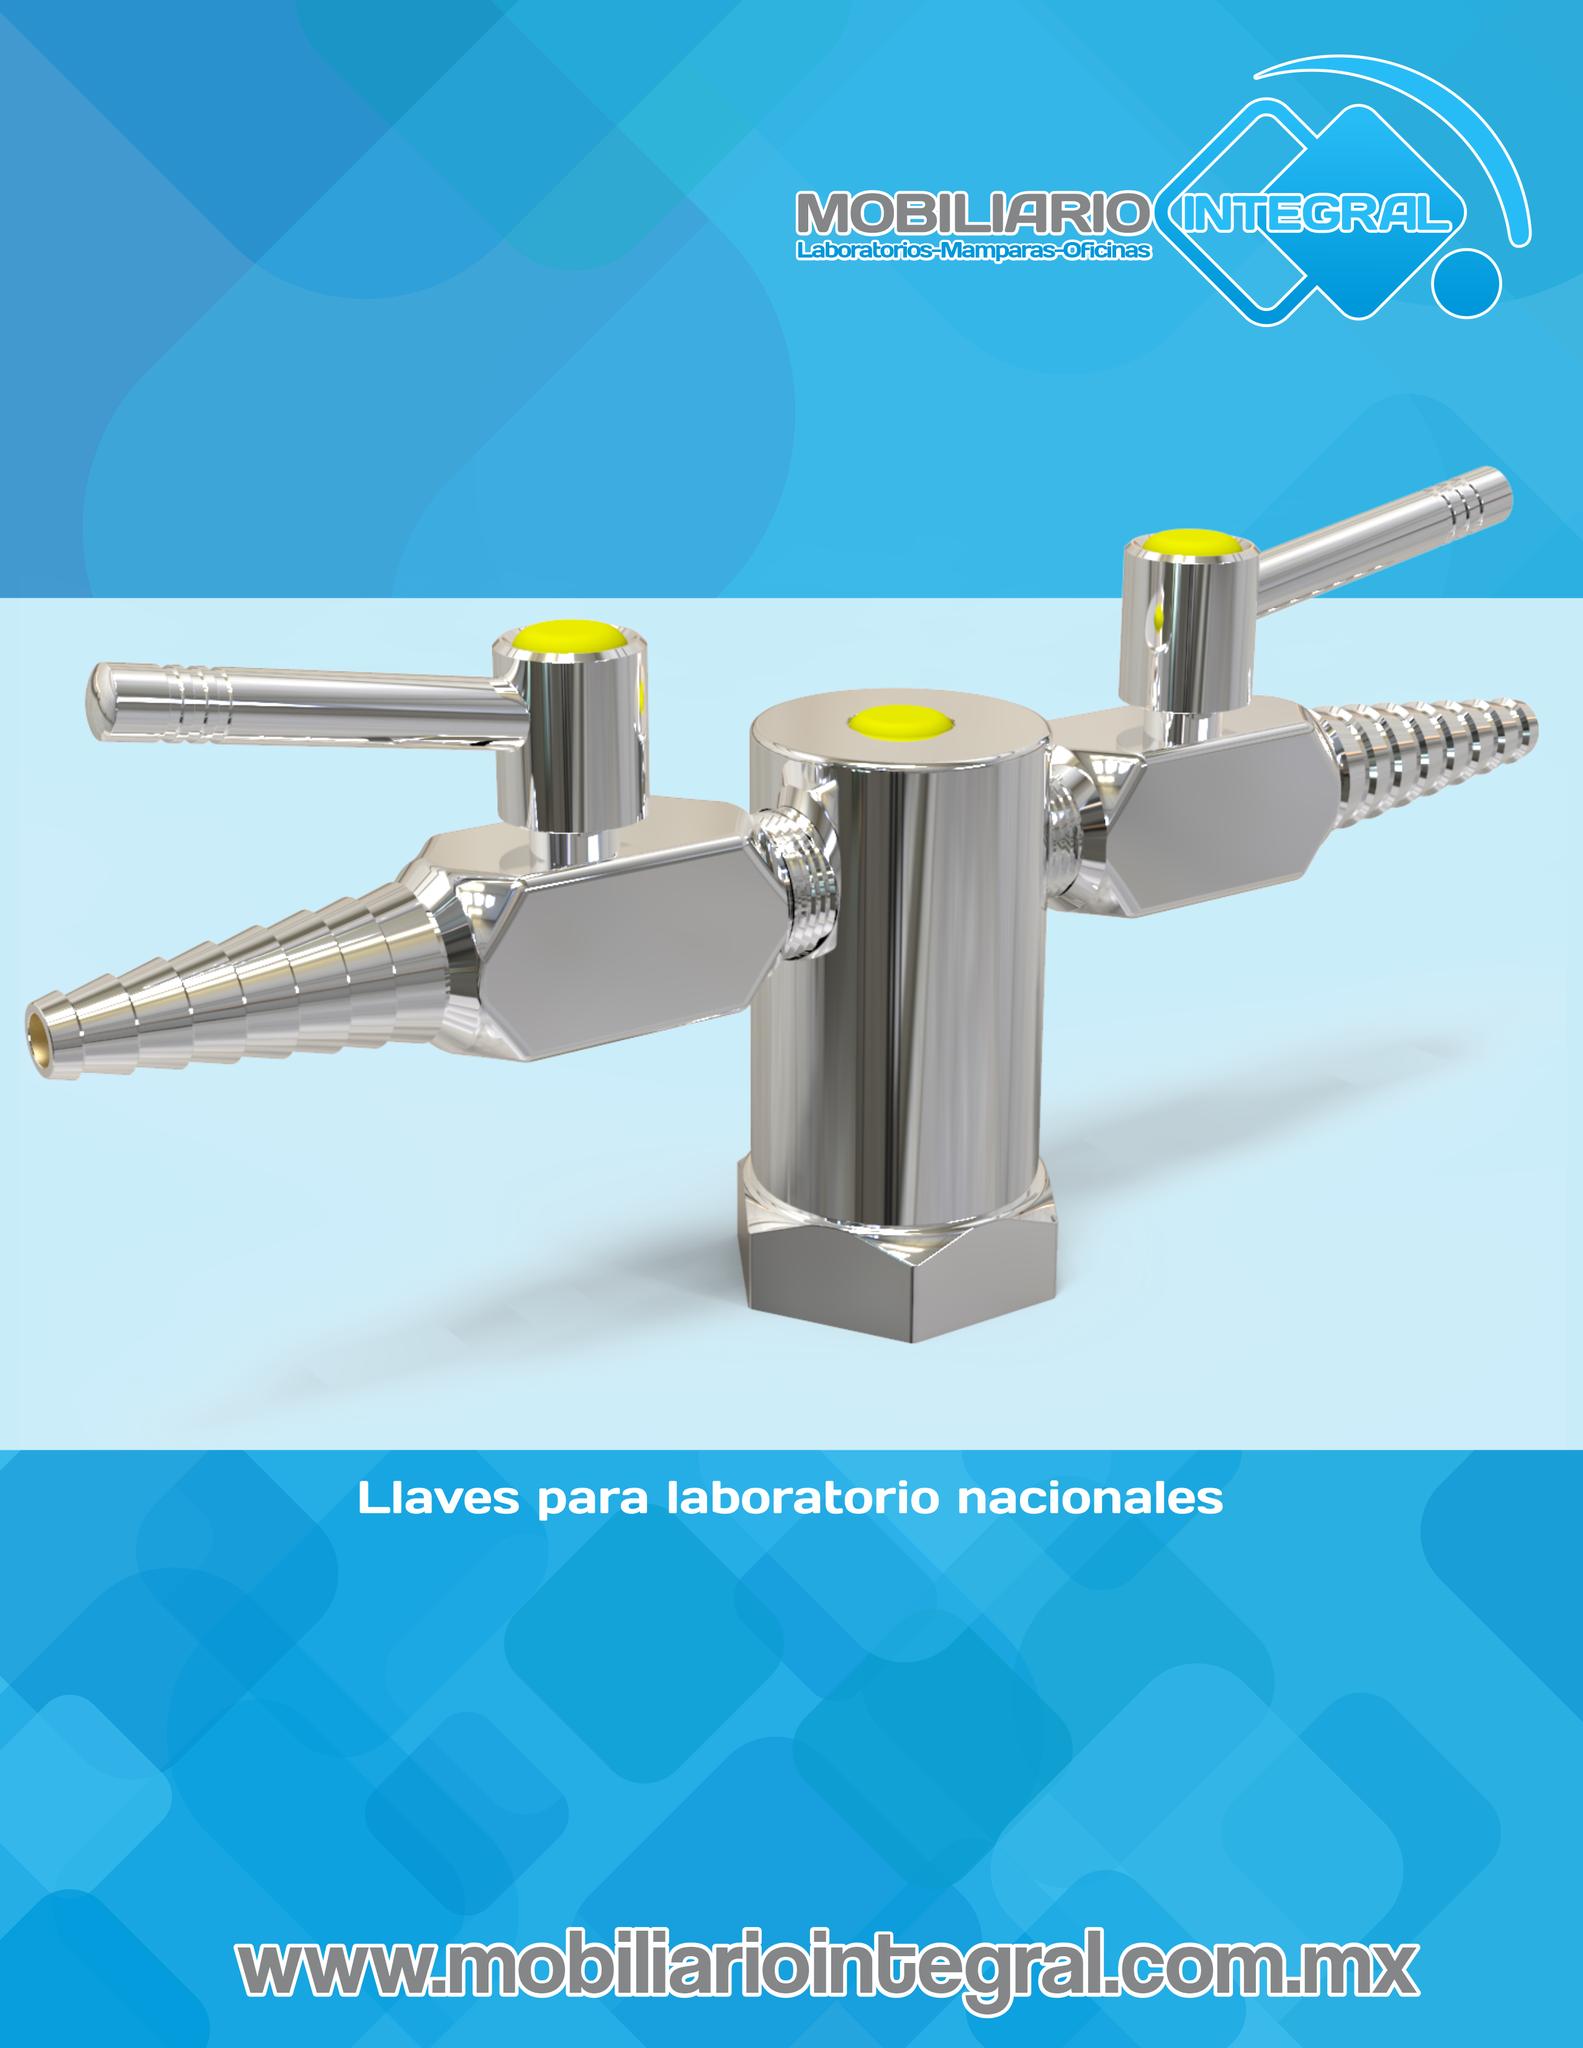 Llaves para laboratorio en Chilpancingo